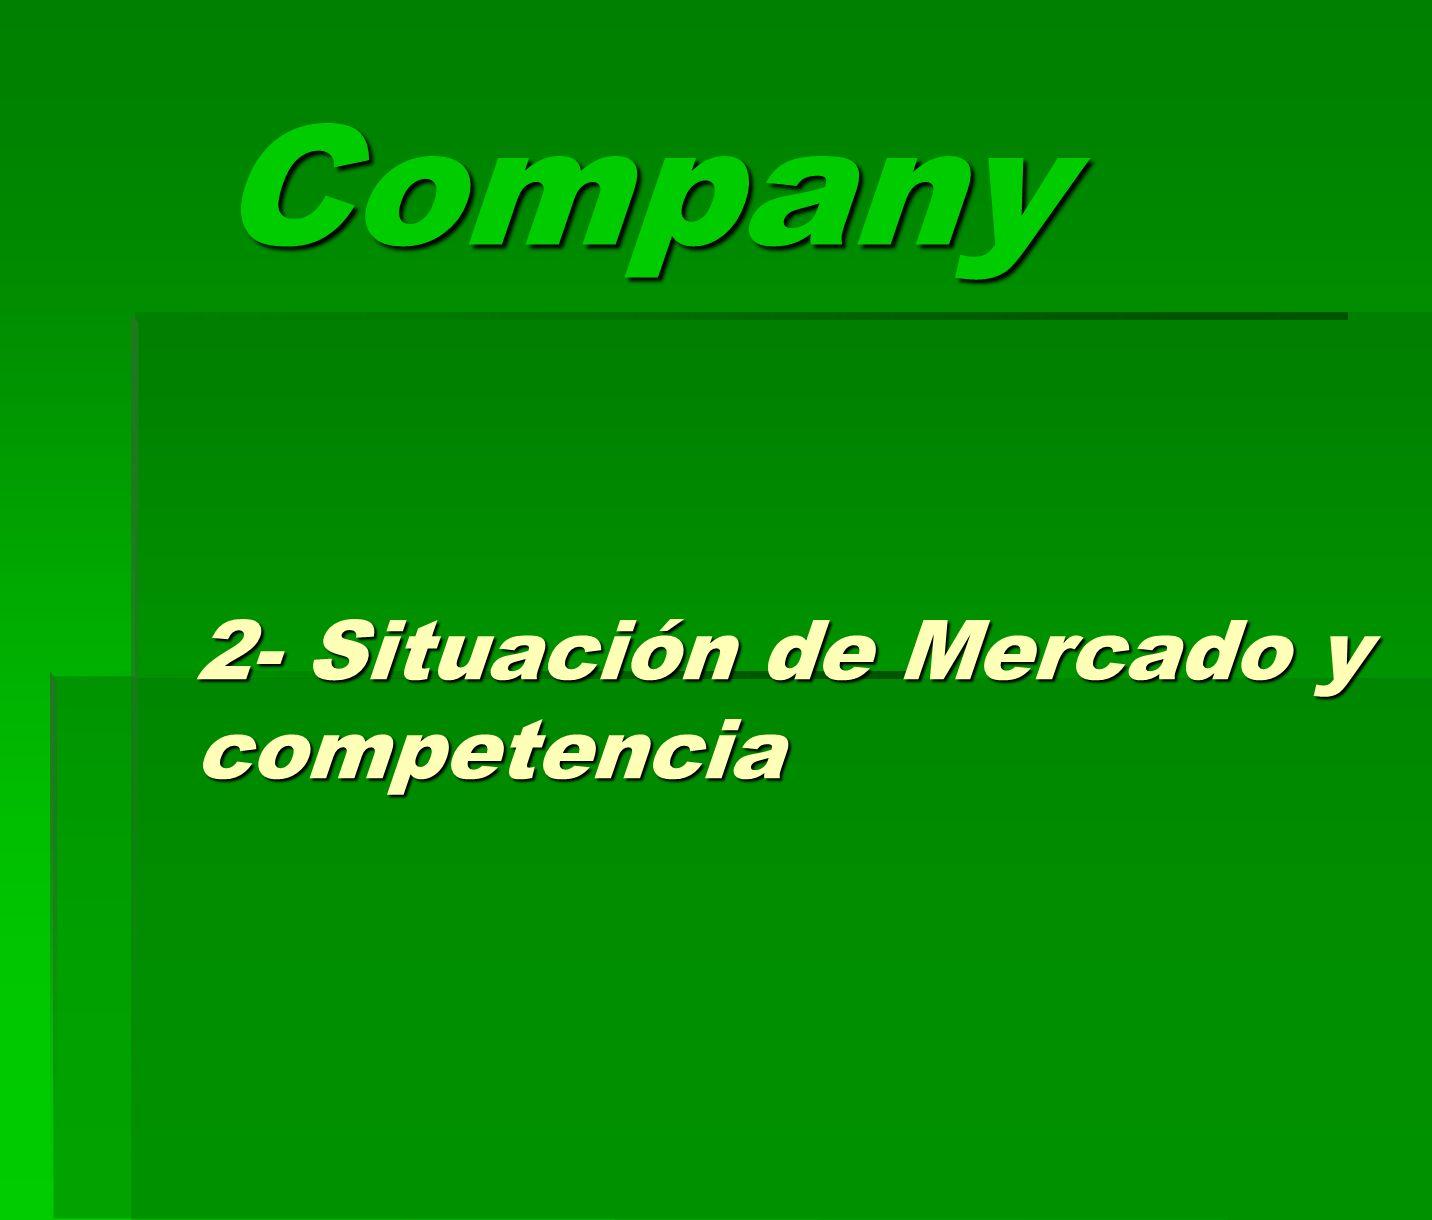 2- Situación de Mercado y competencia